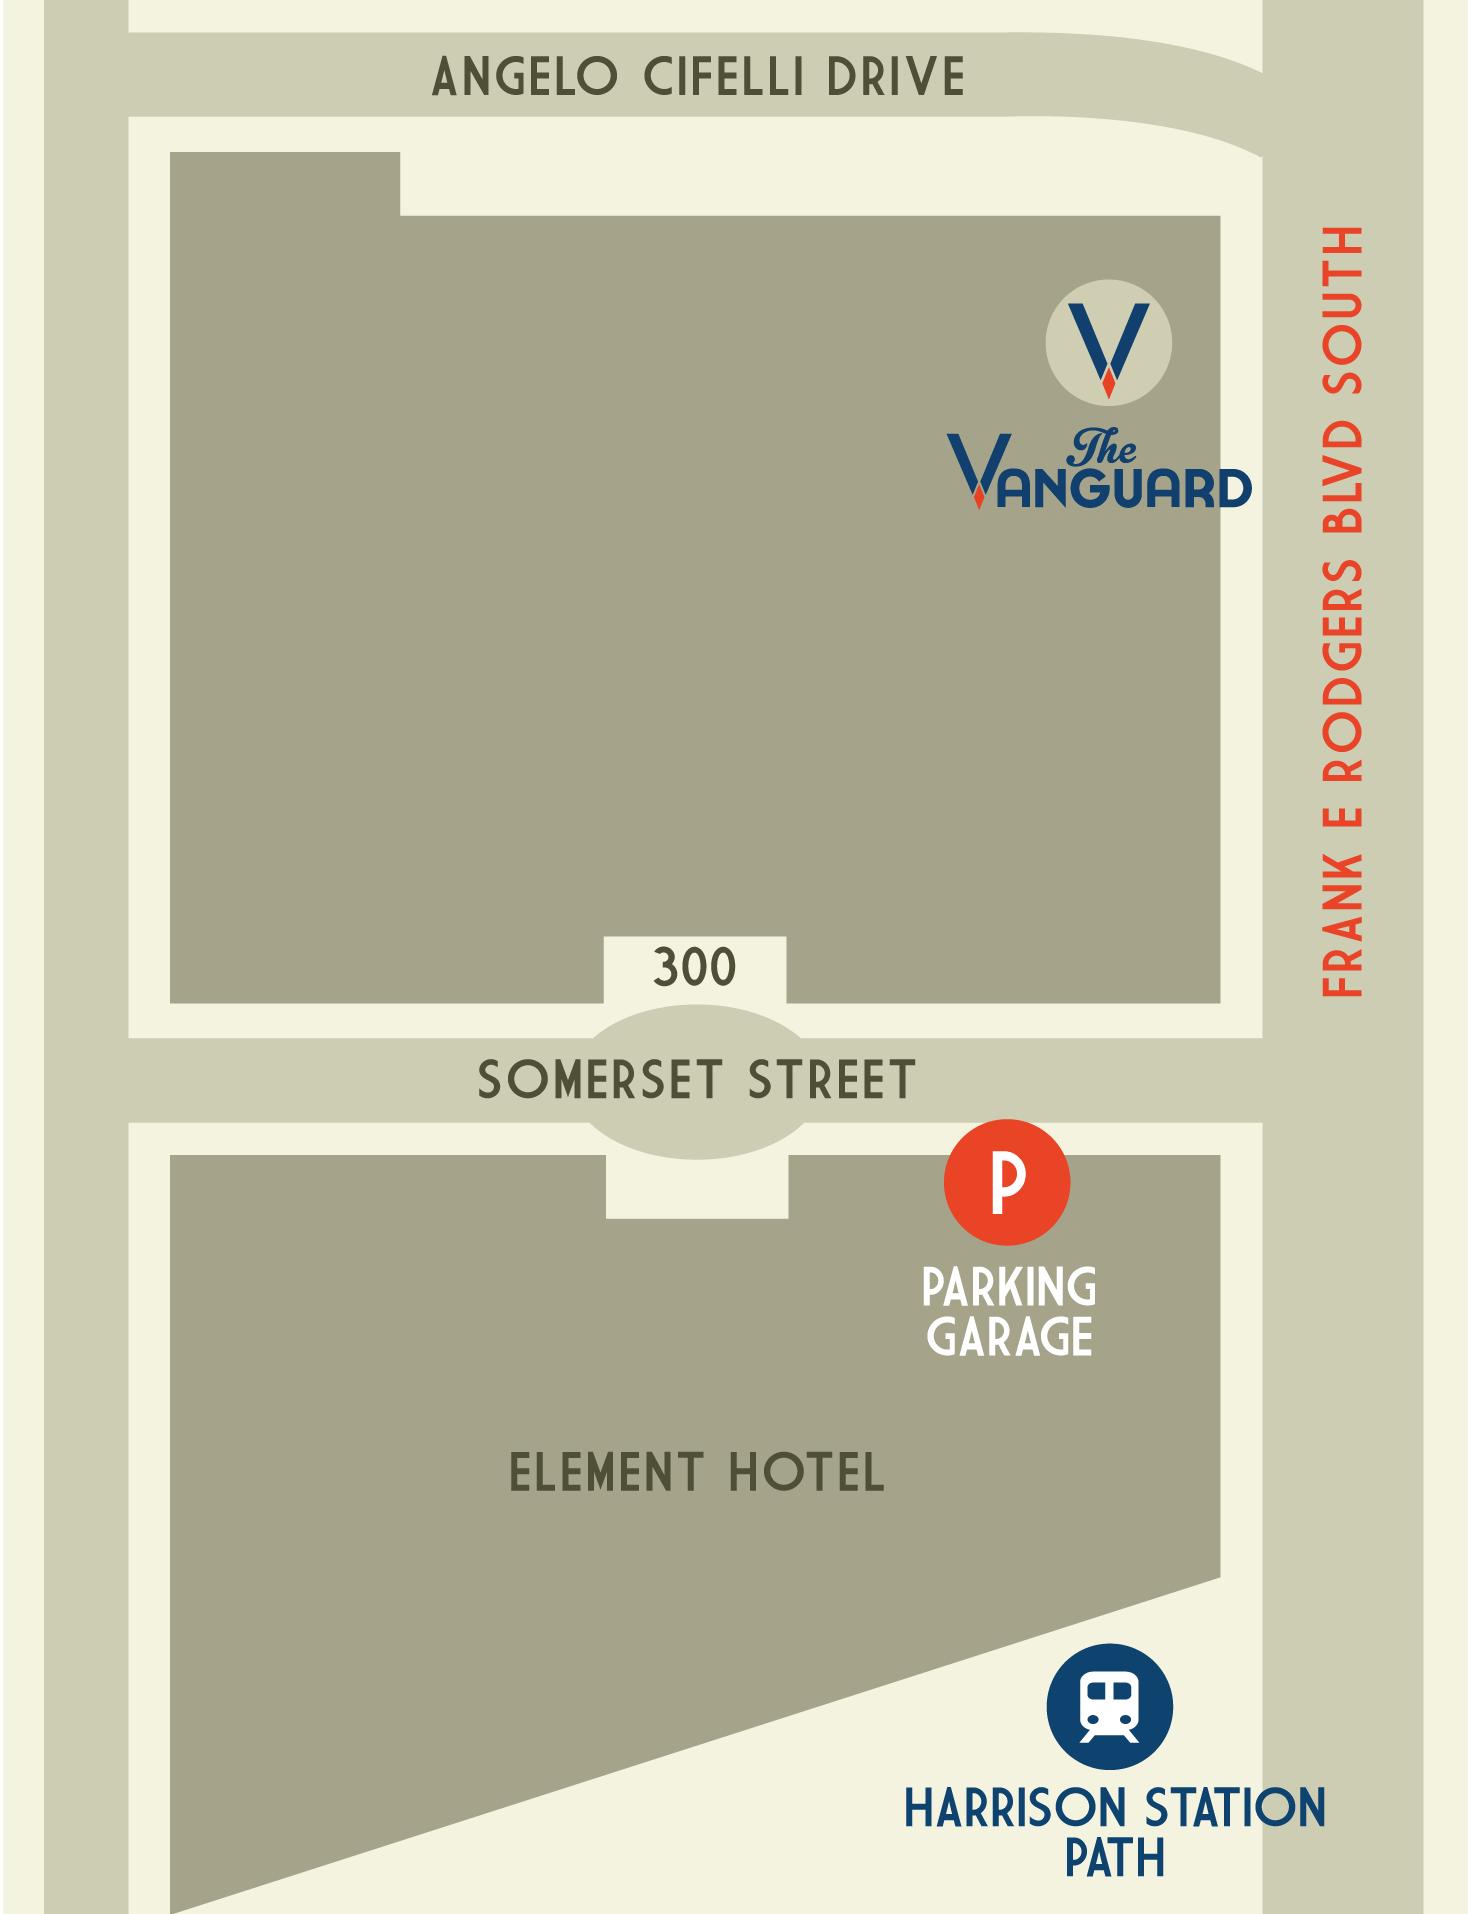 Vanguard_VisitMap-01-01.png